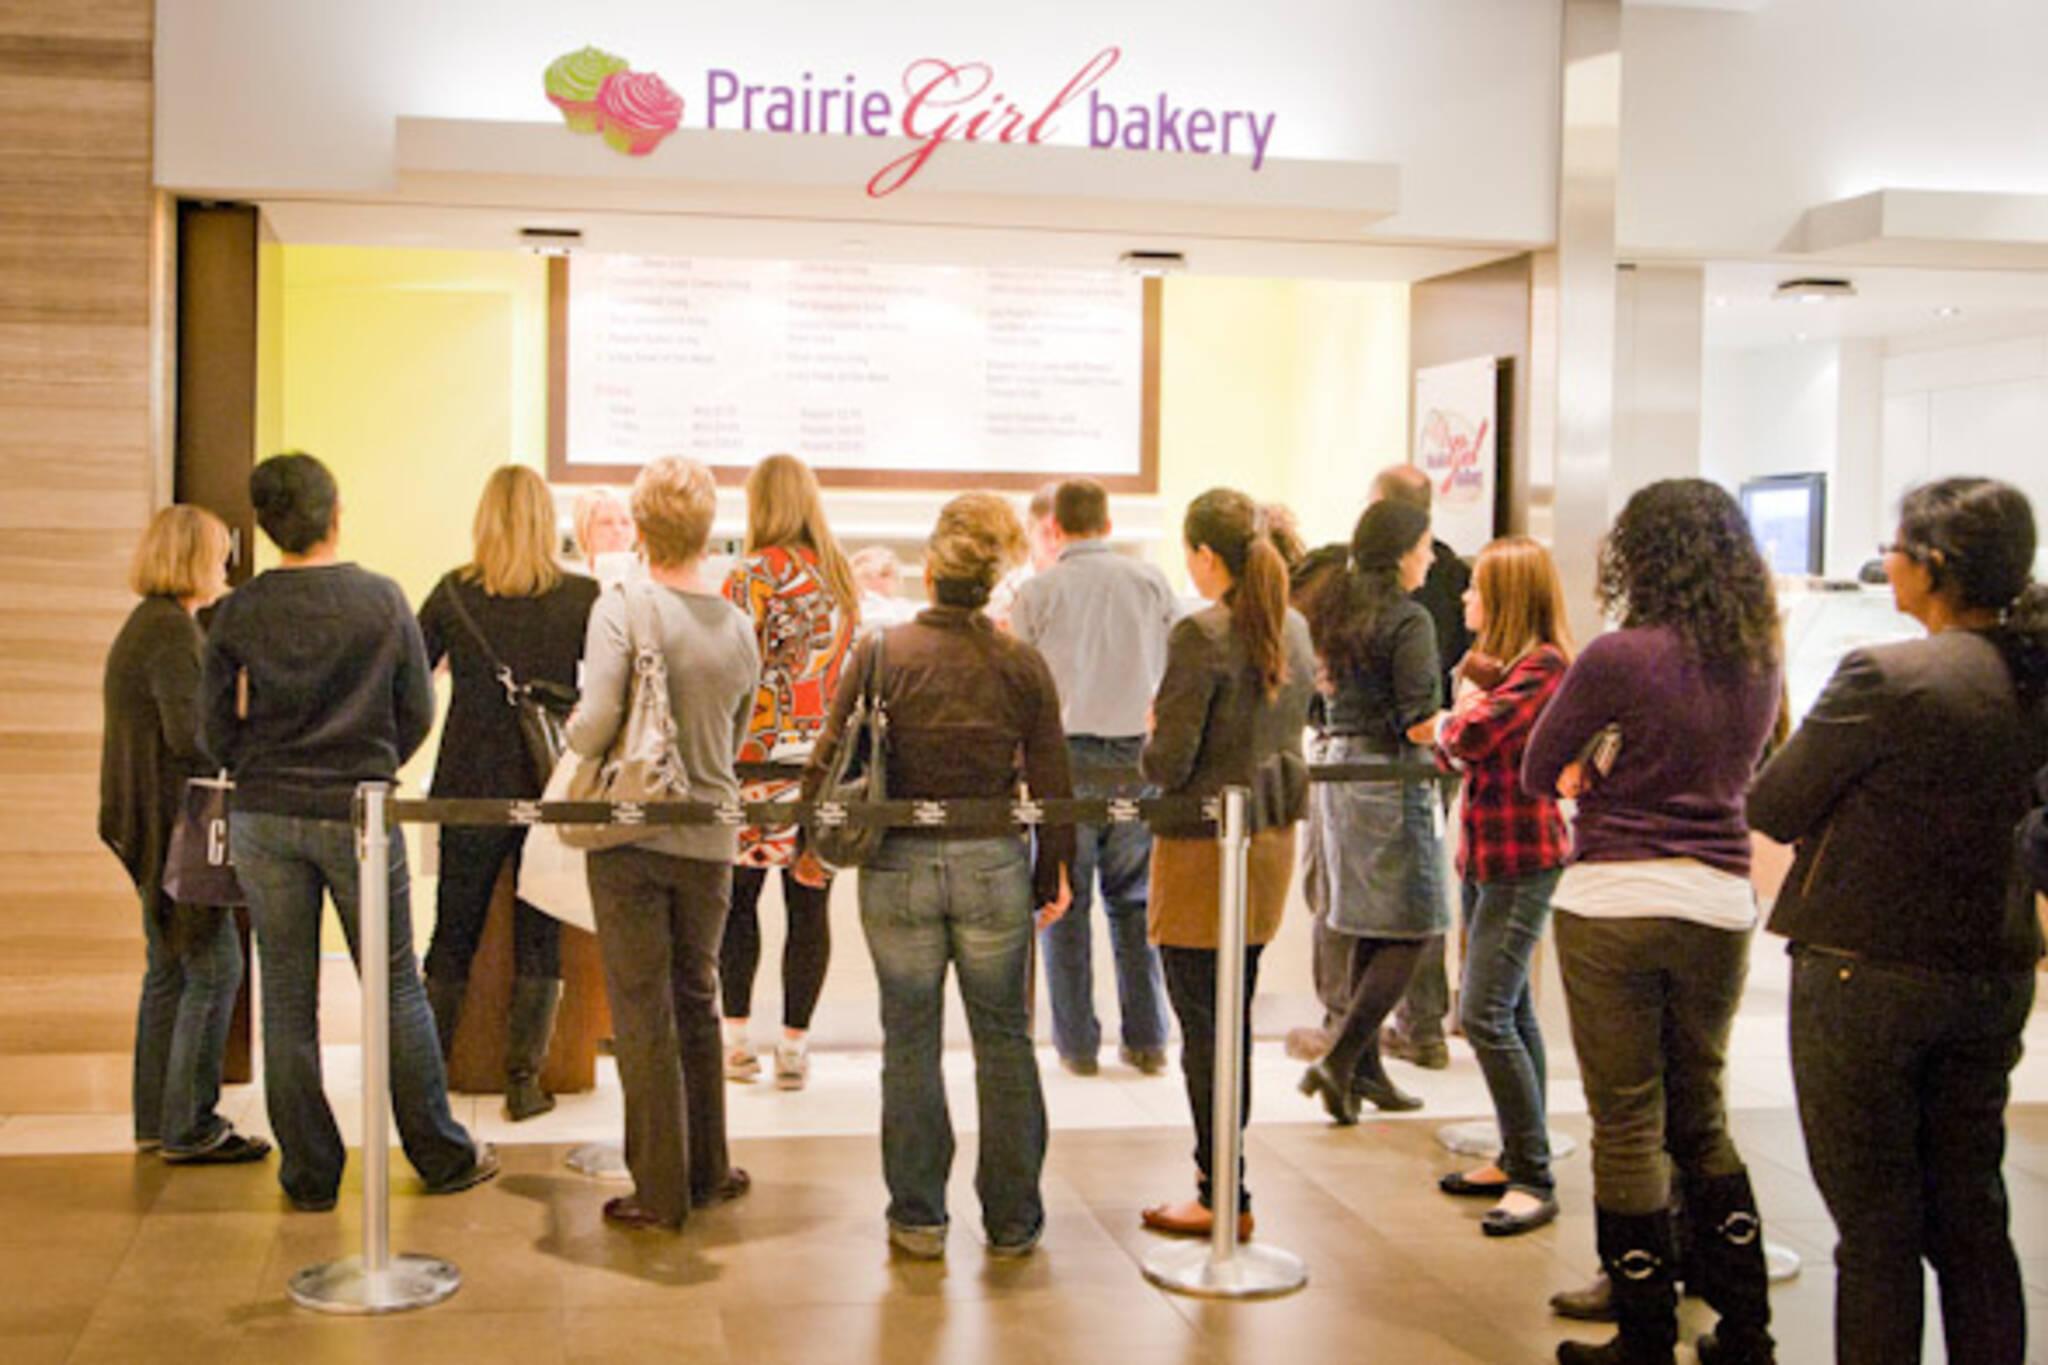 Prairie Girl Bakery